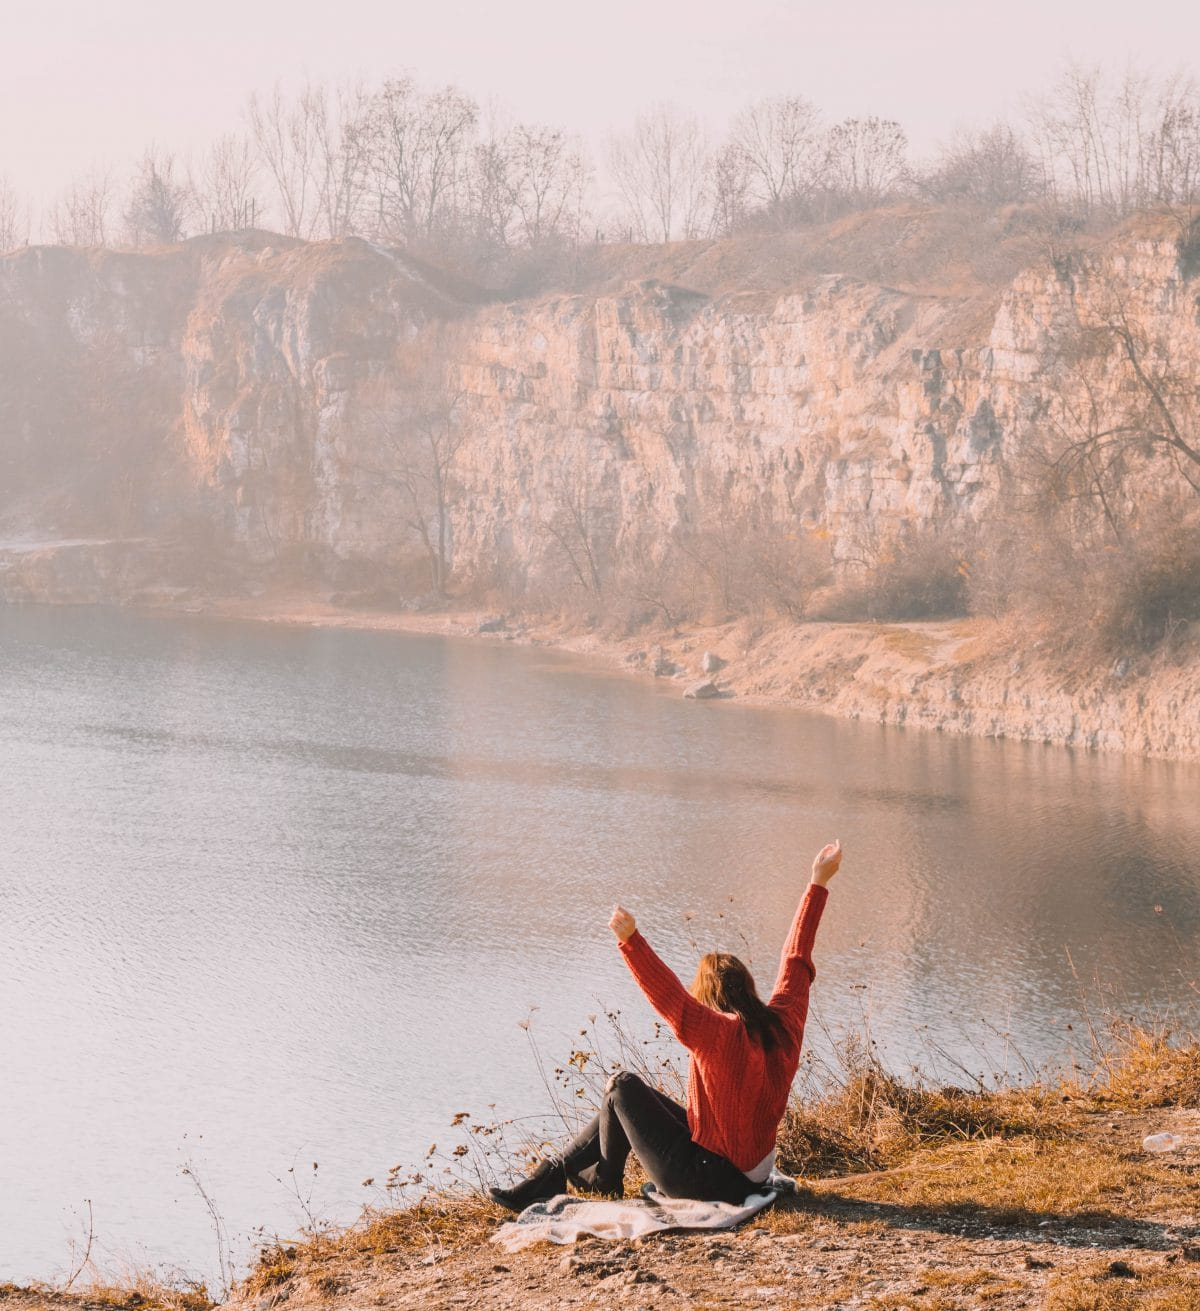 Der Blick erstreckt sich über von der Klippe über den See bis zu endenen Steinwand, während die Sonne aufgeht streckt sich eine Frau ihr entegegen.